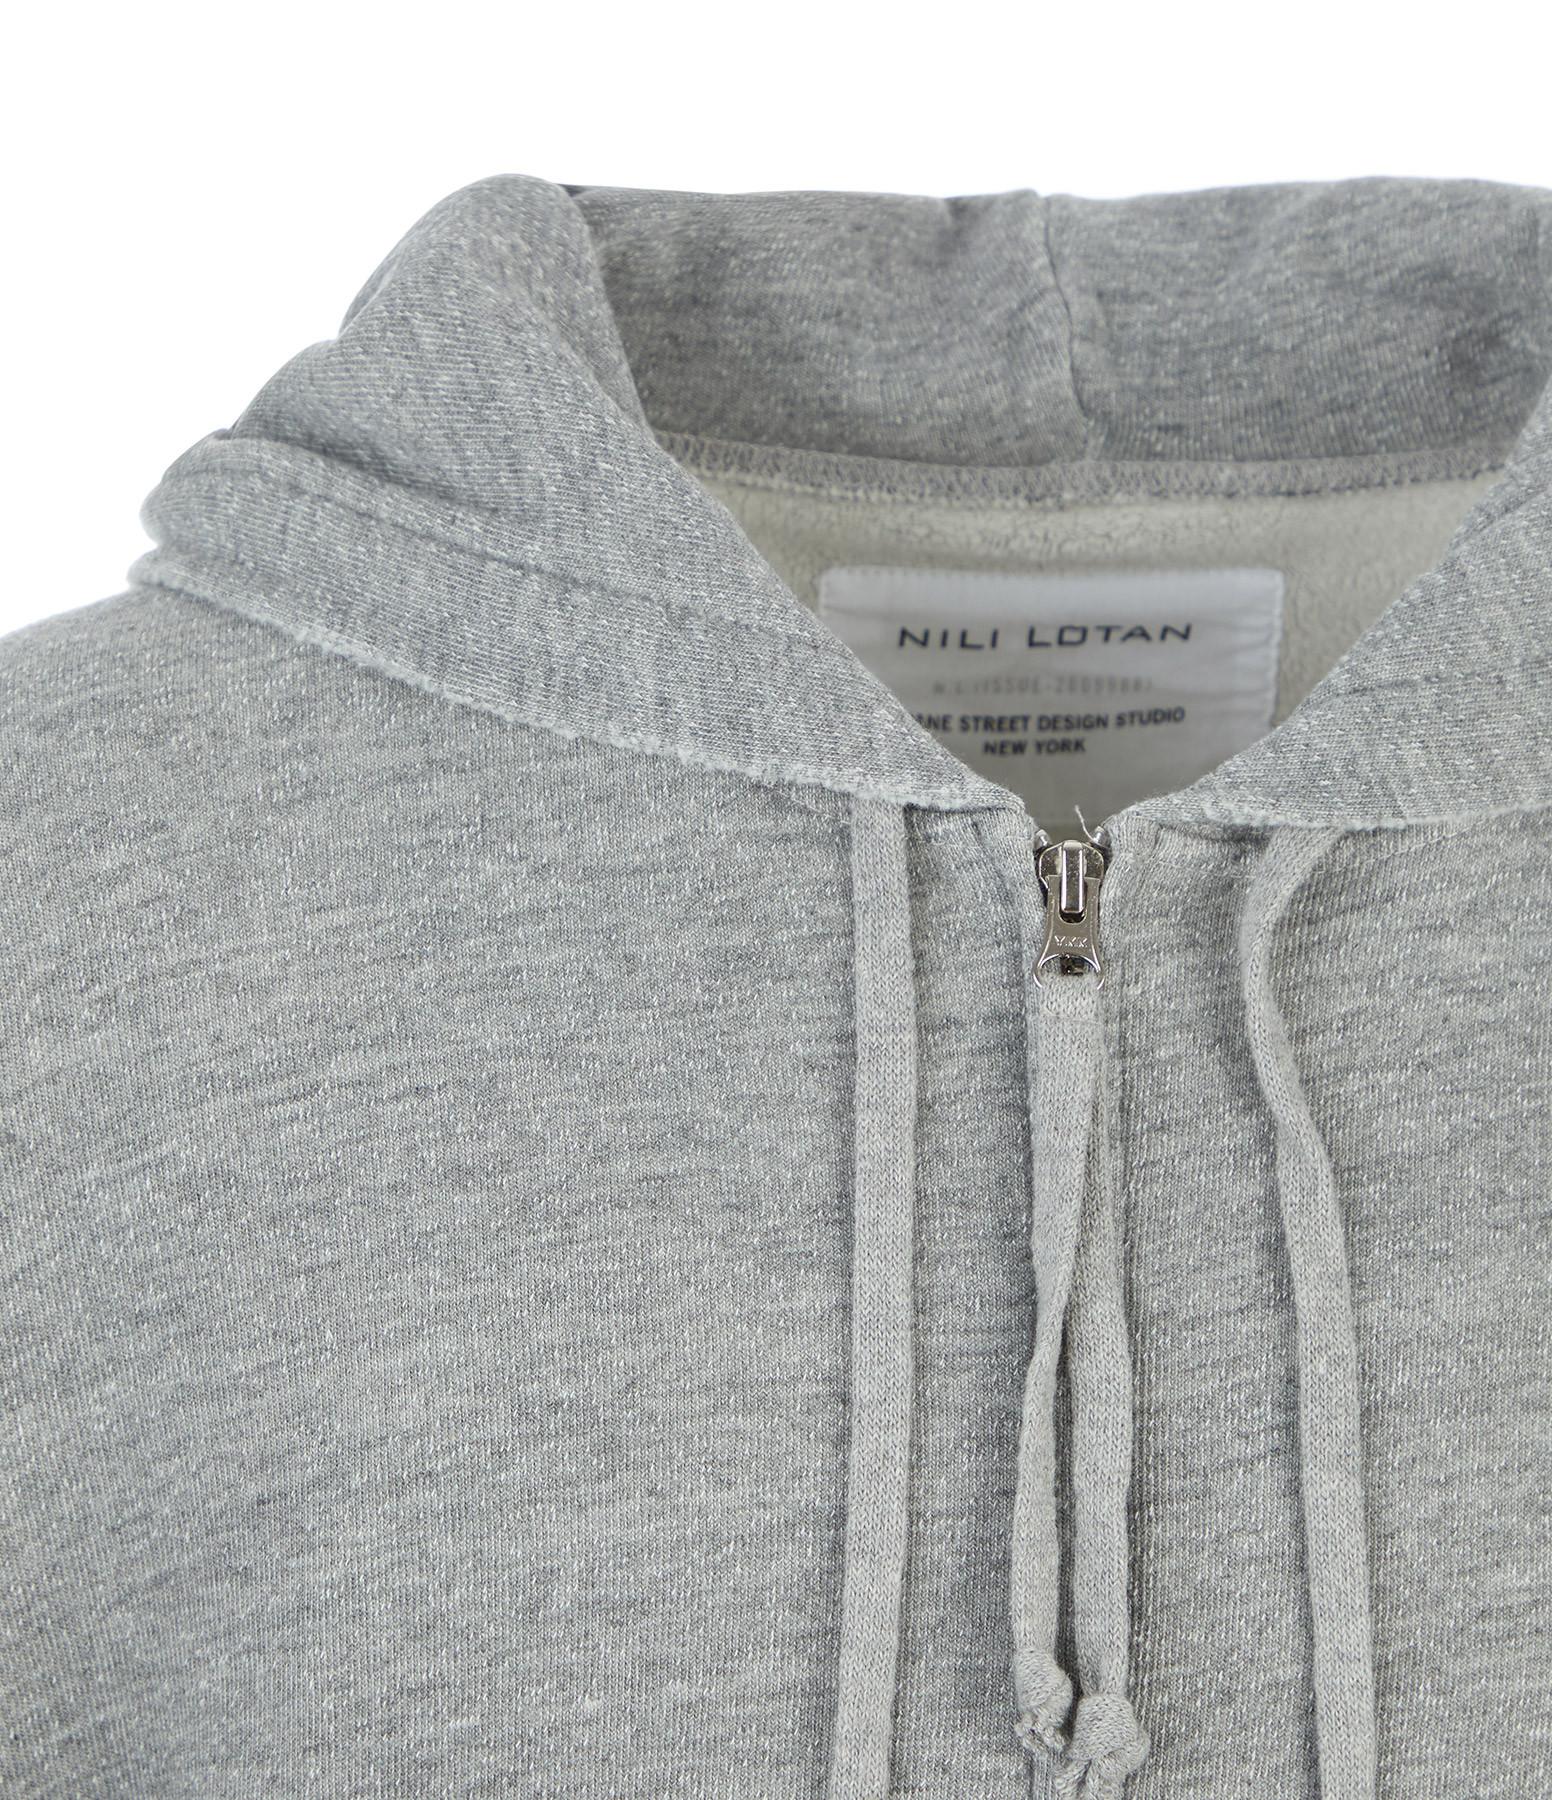 NILI LOTAN - Sweatshirt Zippé Callie Coton Gris Chiné